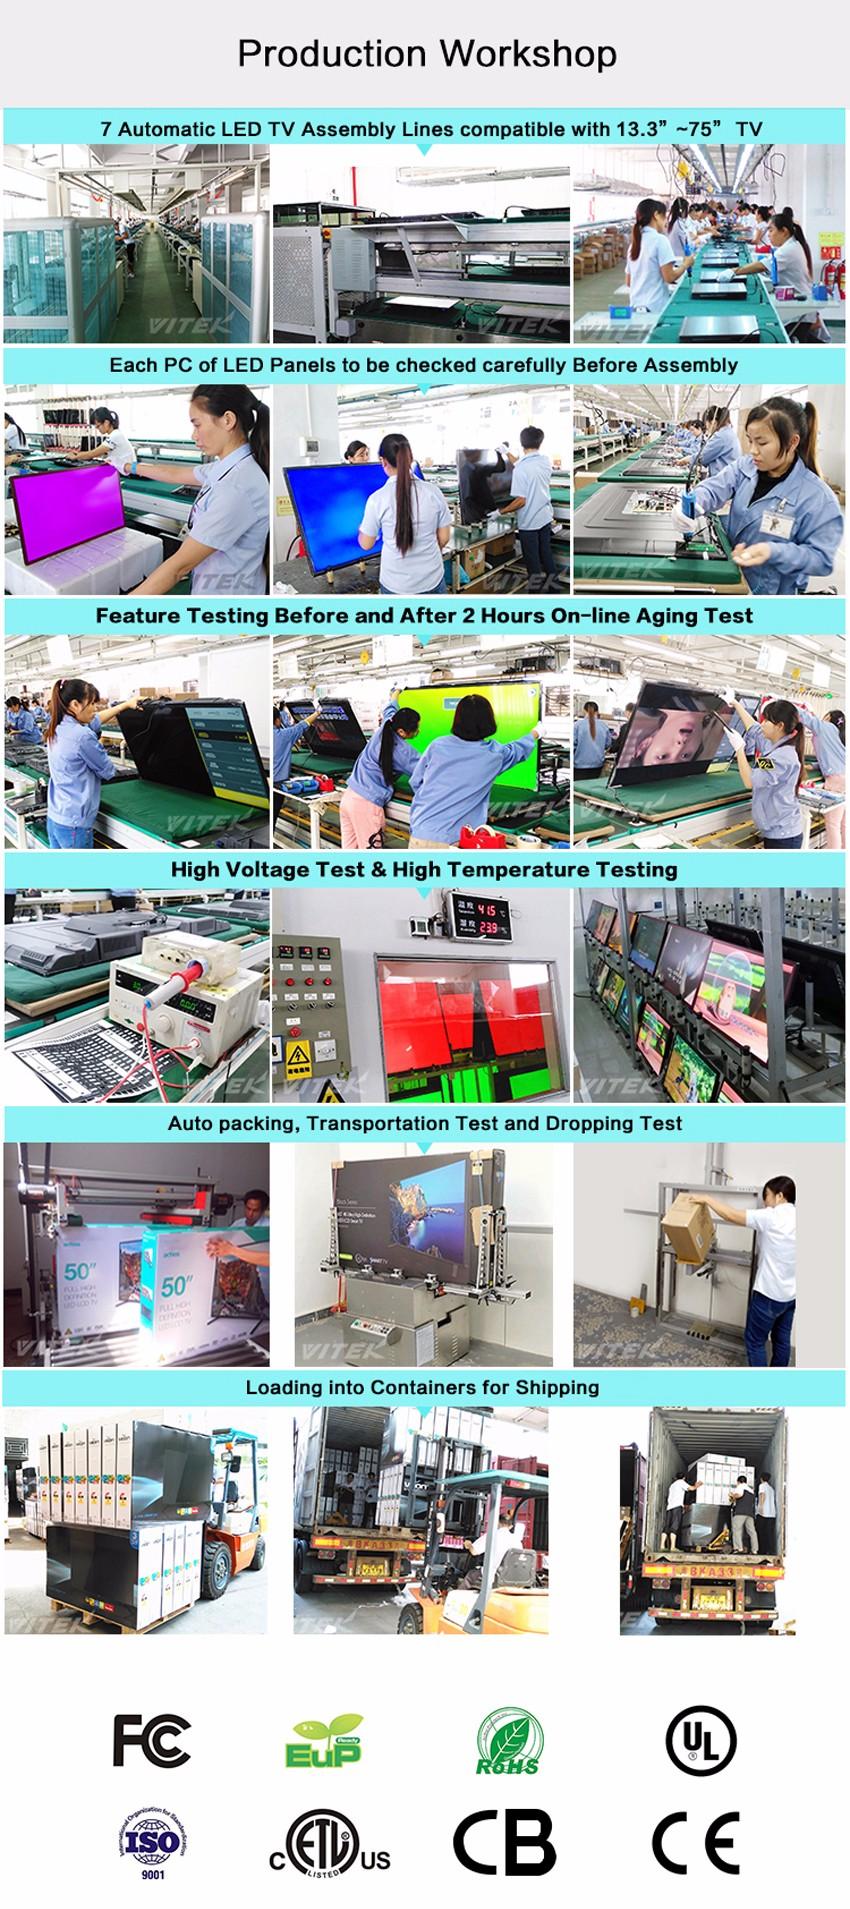 Hot China Hd Video Tv Www Xxx,Best Flat Screen Hd 32 55 65 Inch ...